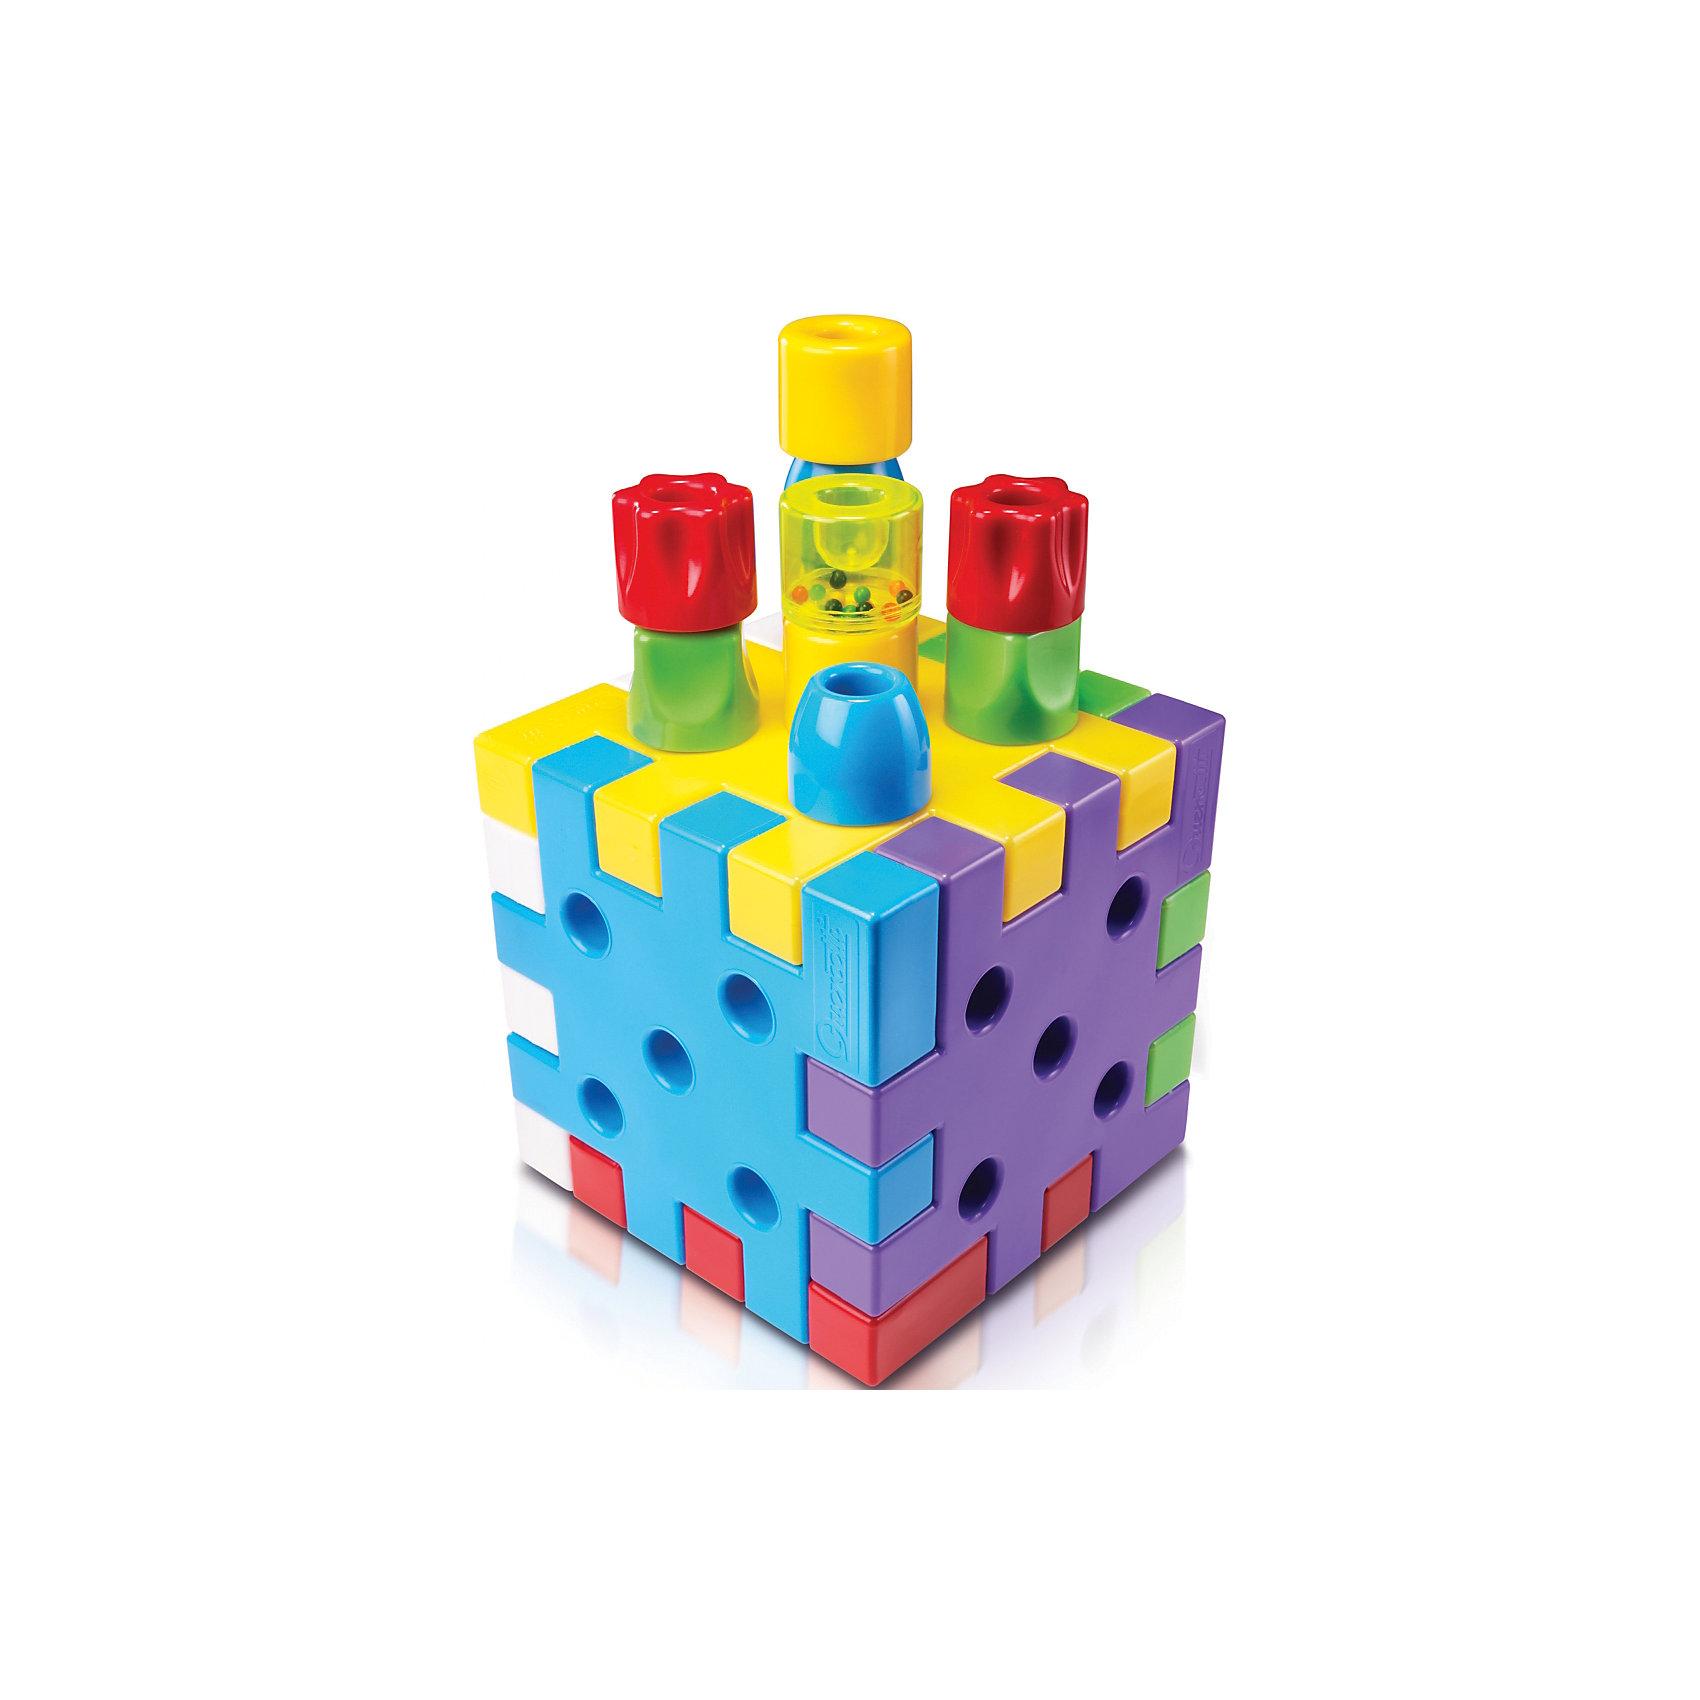 Конструктор Кубо, 19 деталей, QuercettiПластмассовые конструкторы<br>Конструктор Кубо, 19 деталей, Quercetti (Кверсетти).<br><br>Характеристики:<br><br>- В наборе 19 деталей: 6 квадратов (красный, желтый, зеленый, голубой, сиреневый, белый), 3 цилиндрических конусообразных фишки ? голубого цвета, 3 цилиндрических фишки ? желтого цвета, 3 цилиндрических квадратных фишки  ? зеленого цвета, 3 цилиндрических фишки в форме цветка ? красного цвета, 1 цилиндрическая фишка ? погремушка<br>- Размер квадратов: 18 х 18 х 3 см<br>- Высота и диаметр фишек-столбиков: 4 х 4,5 см.<br>- Материал: высококачественный пластик, окрашенный нетоксичными красками<br>- Упаковка: картонная коробка с ручкой<br>- Размер упаковки: 33 х 31 х 13 см.<br>- Вес: 870 гр.<br><br>Развивающий конструктор «Кубо» от Quercetti (Кверсетти) подойдет даже для самых маленьких. Крупные и яркие детали удобно брать детской ручкой, а их крепления просты и безопасны для любознательного крохи. В набор входит два вида деталей: шесть больших разноцветных квадратов и различные по цвету и форме фишки-столбики. Квадраты сцепляются между собой по принципу пазла и могут располагаться в одной плоскости или под углом 90 градусов. Поэтому ваш малыш сможет создавать различные объемные модели. На поверхности квадратов, с разных сторон, находятся углубления и выступы, которые служат креплениями для столбиков. Столбиками можно играть как крупной мозаикой, используя квадратные детали в качестве игрового поля, а можно применять их как строительный материал для создания всевозможных объемных моделей. Их также можно сортировать по цвету и использовать и как замечательный счетный материал. Если сложить из разноцветных квадратов куб, детали-столбики отлично поместятся внутри него. Примеры некоторых других поделок из этого конструктора приведены на коробке. Конструктор «Кубо» знакомит ребенка с цветами, развивает у него координацию движений, фантазию и пространственно-логическое мышление.<br><br>Конструктор Кубо, 19 деталей, Quercetti (